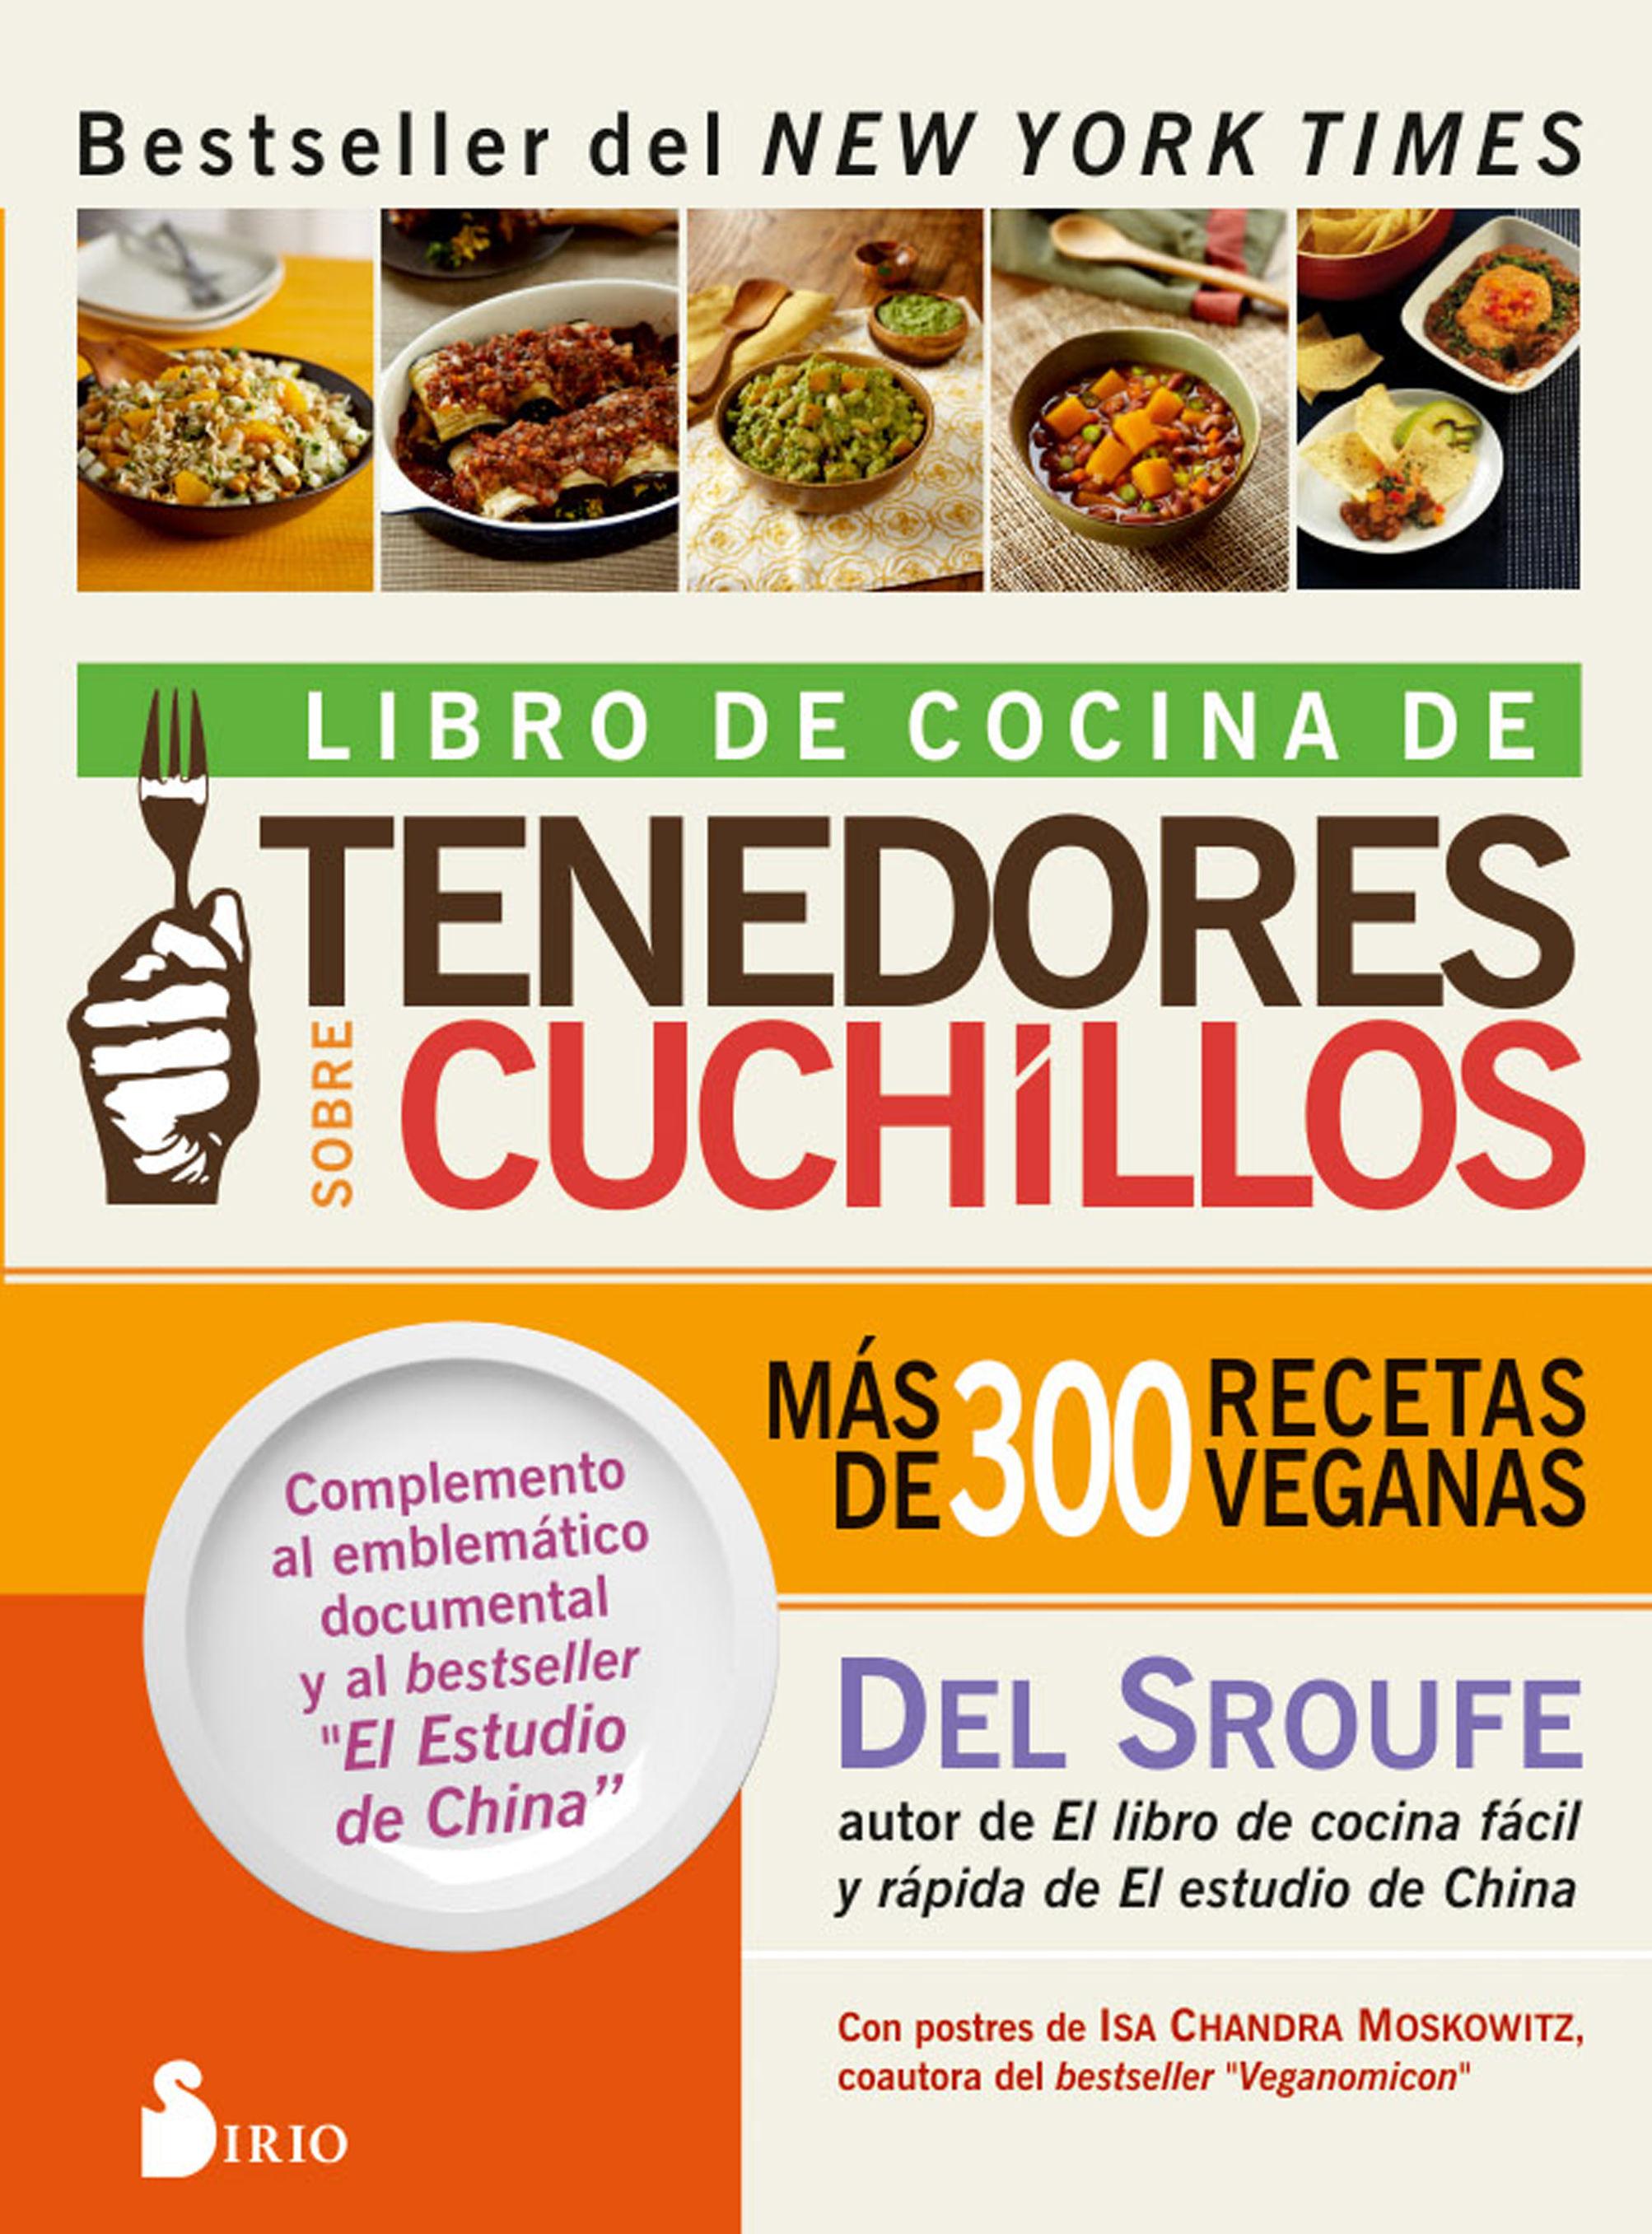 LIBRO DE COCINA DE TENEDORES SOBRE CUCHILLOS